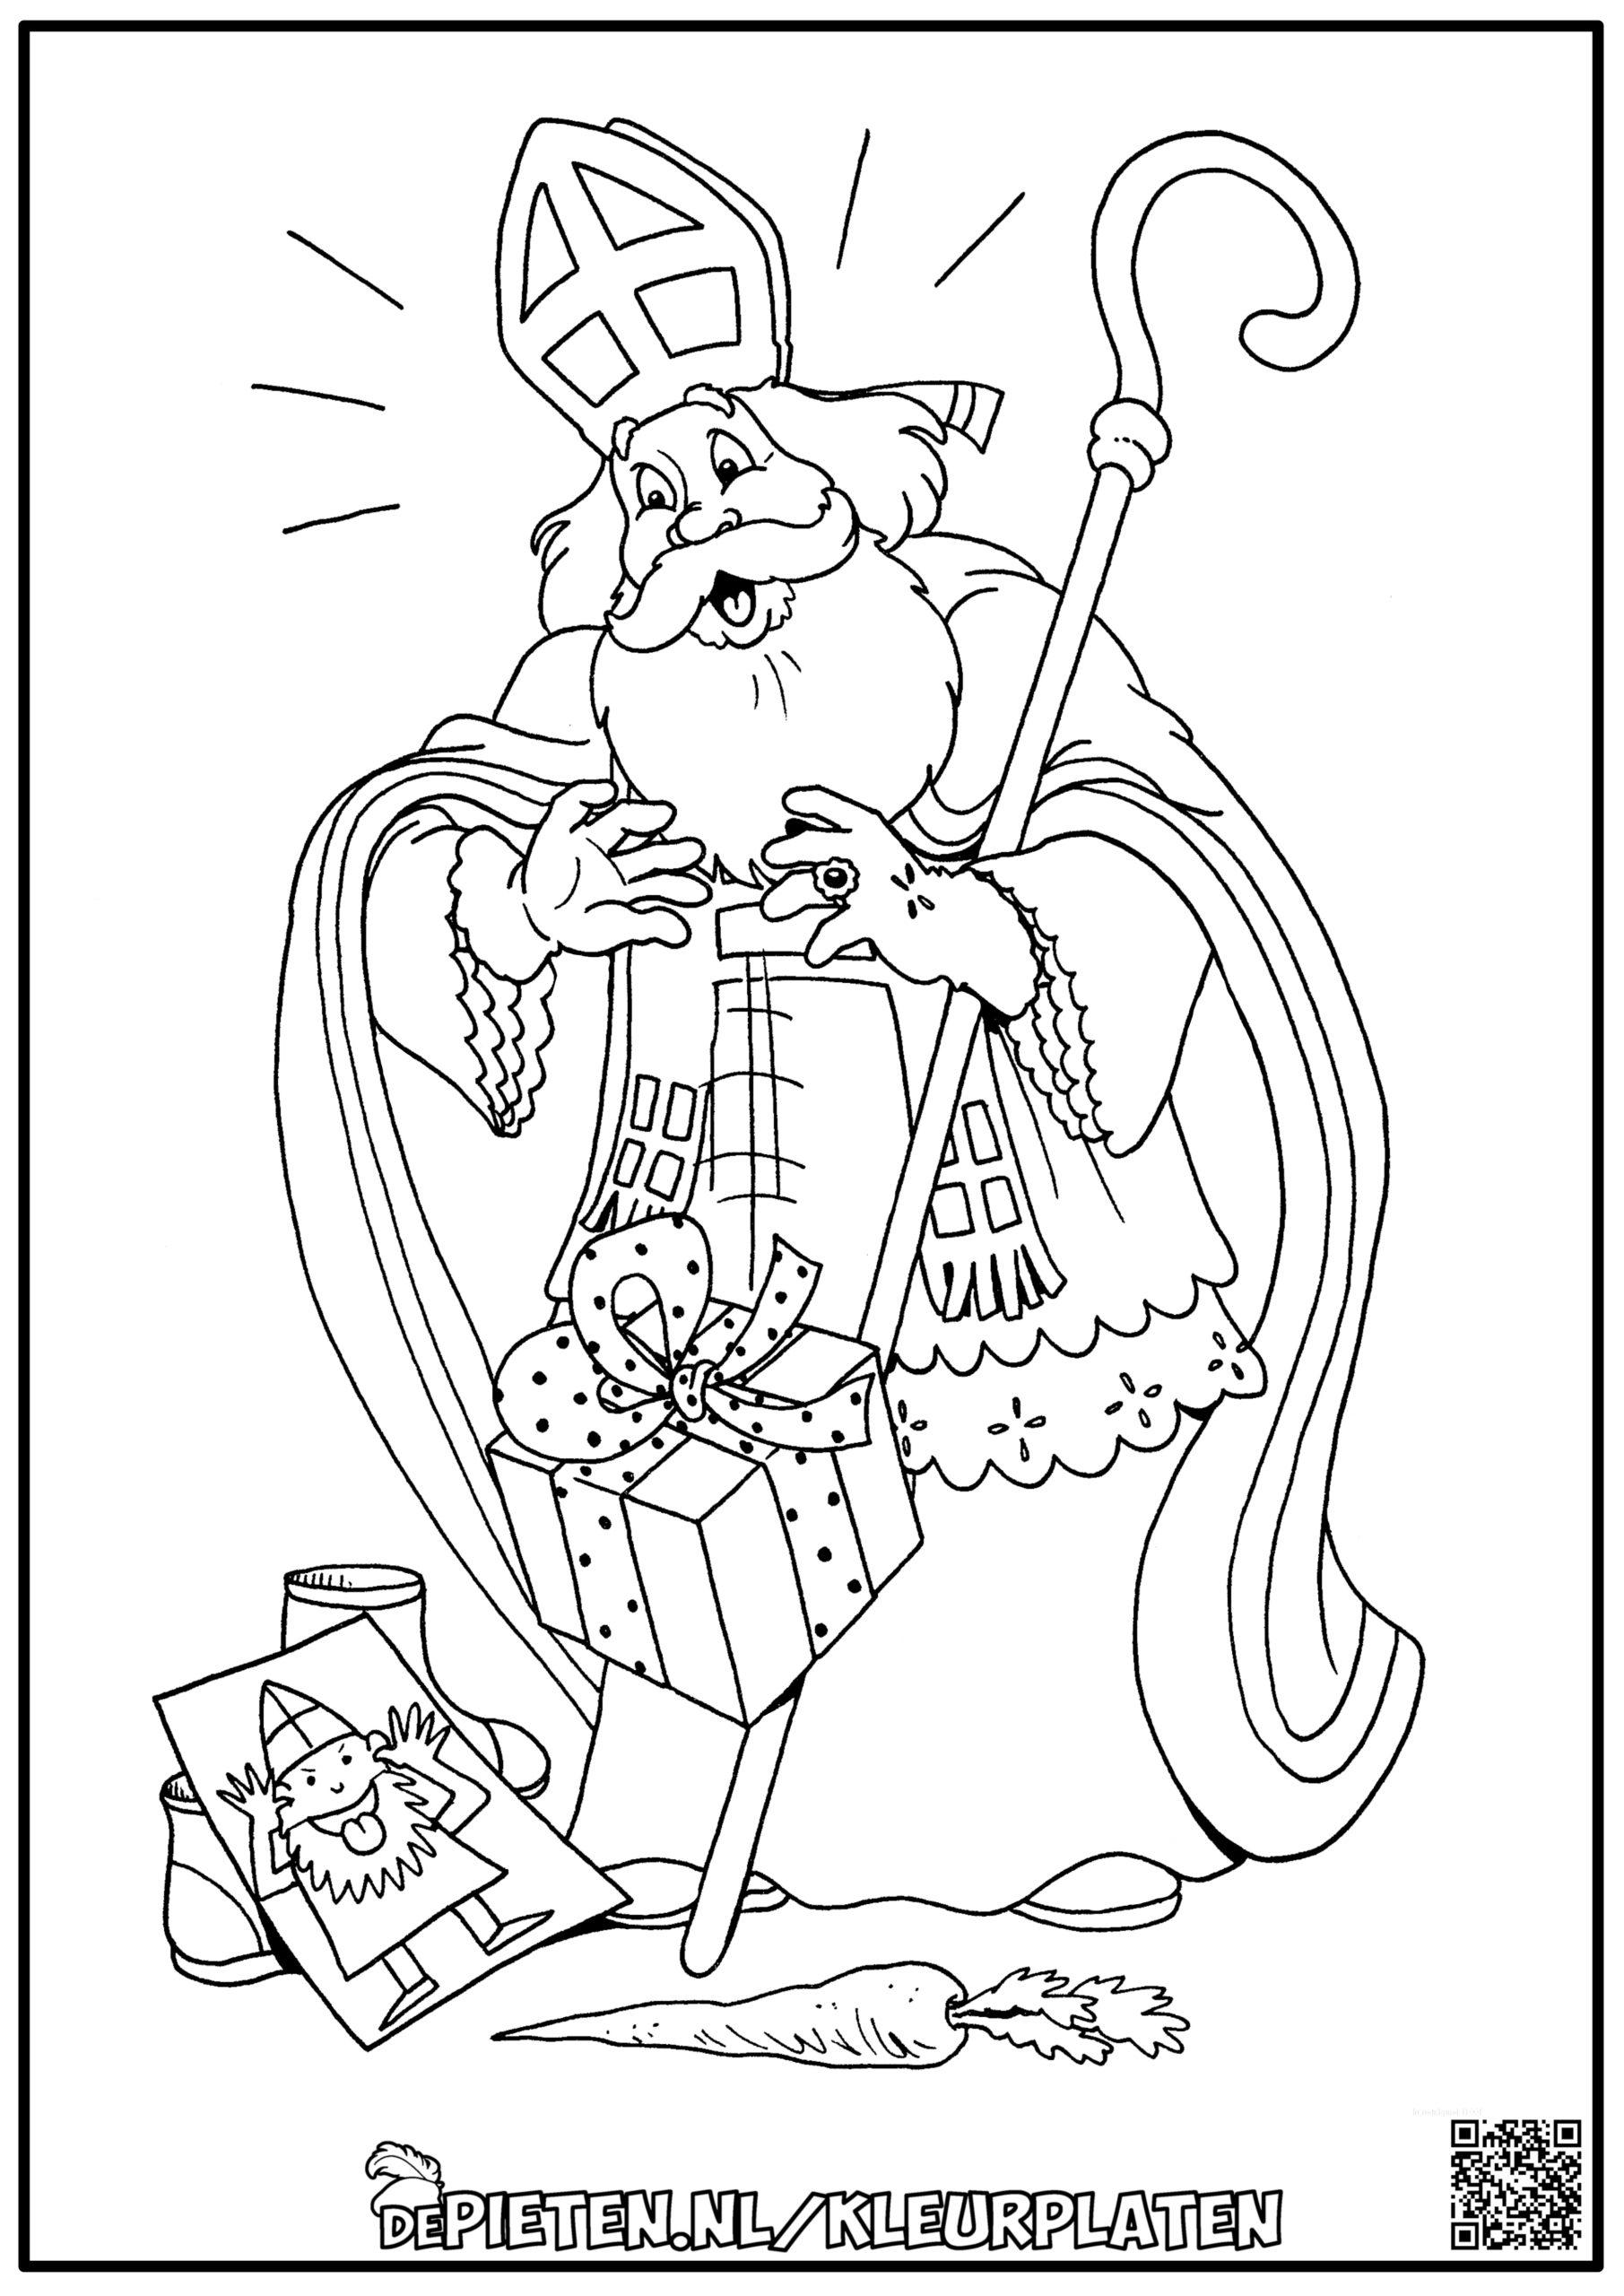 depieten.nl-Kleurplaten-kleuren-Sinterklaas-en-de-pieten-kleuren-Sint-en-piet-schrikken-stout-kind-kindje